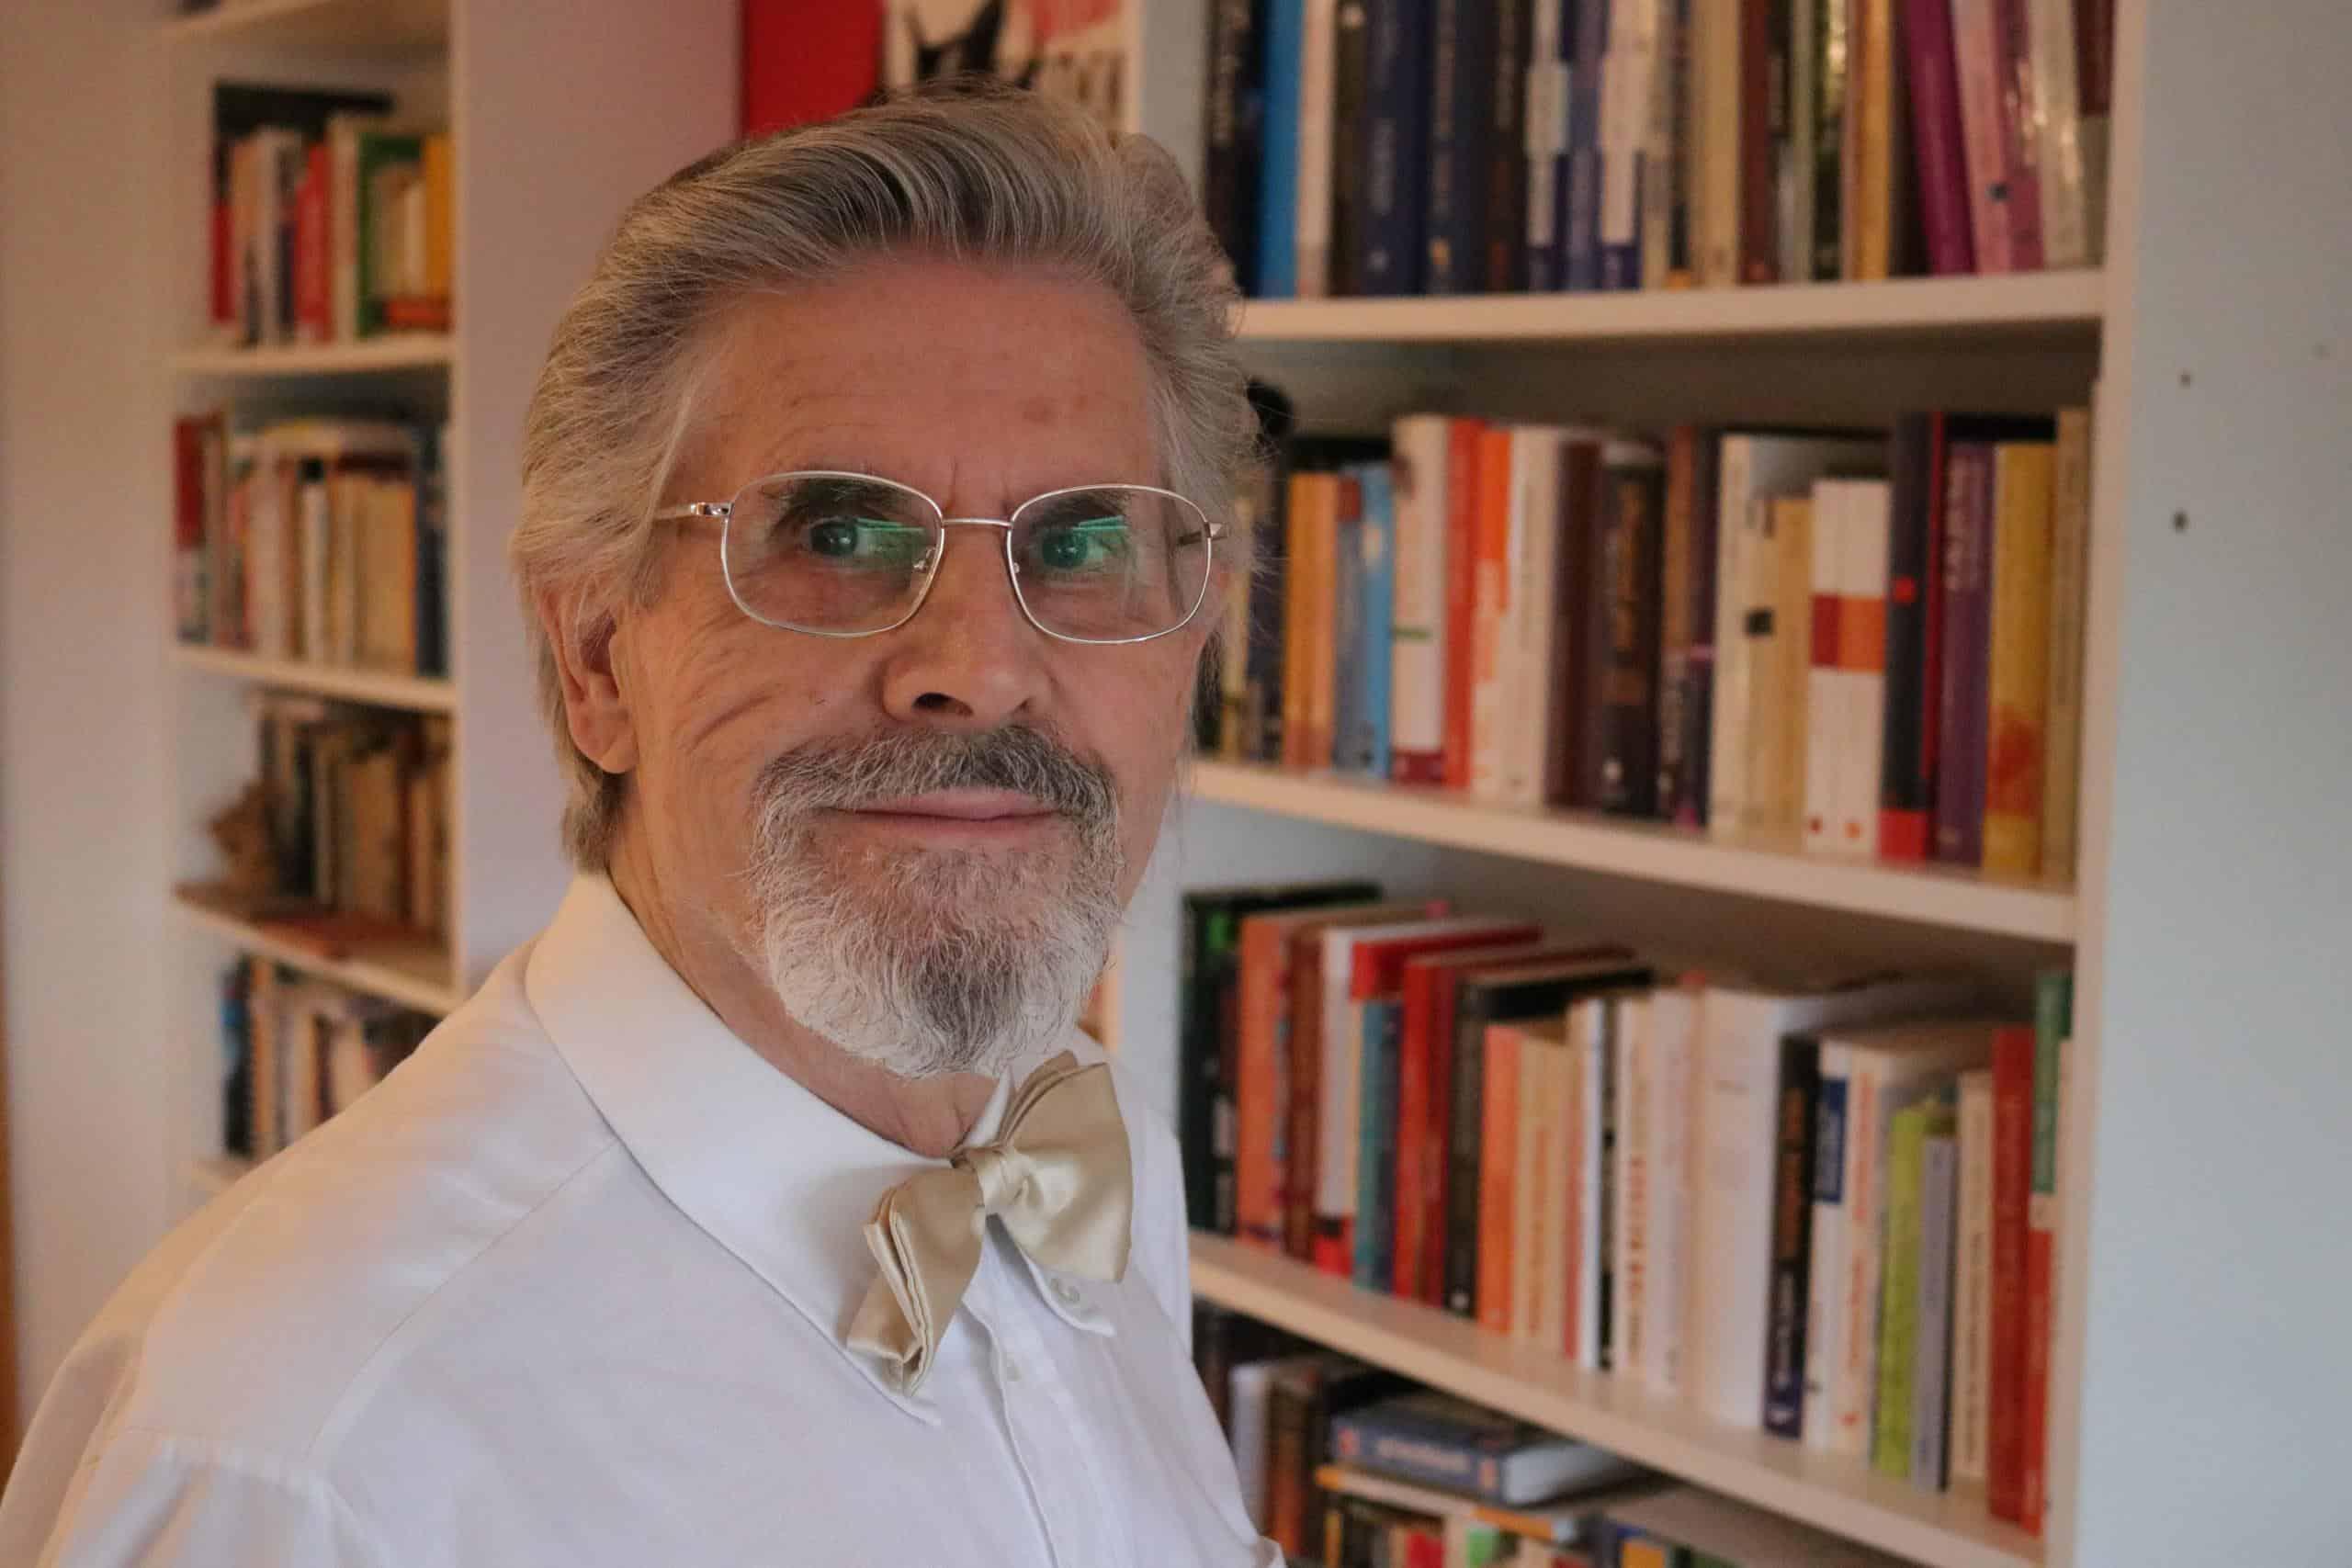 JotForm Formulare für Manfred Peter Lederer, Autor, Mentaltrainer, Astrologe